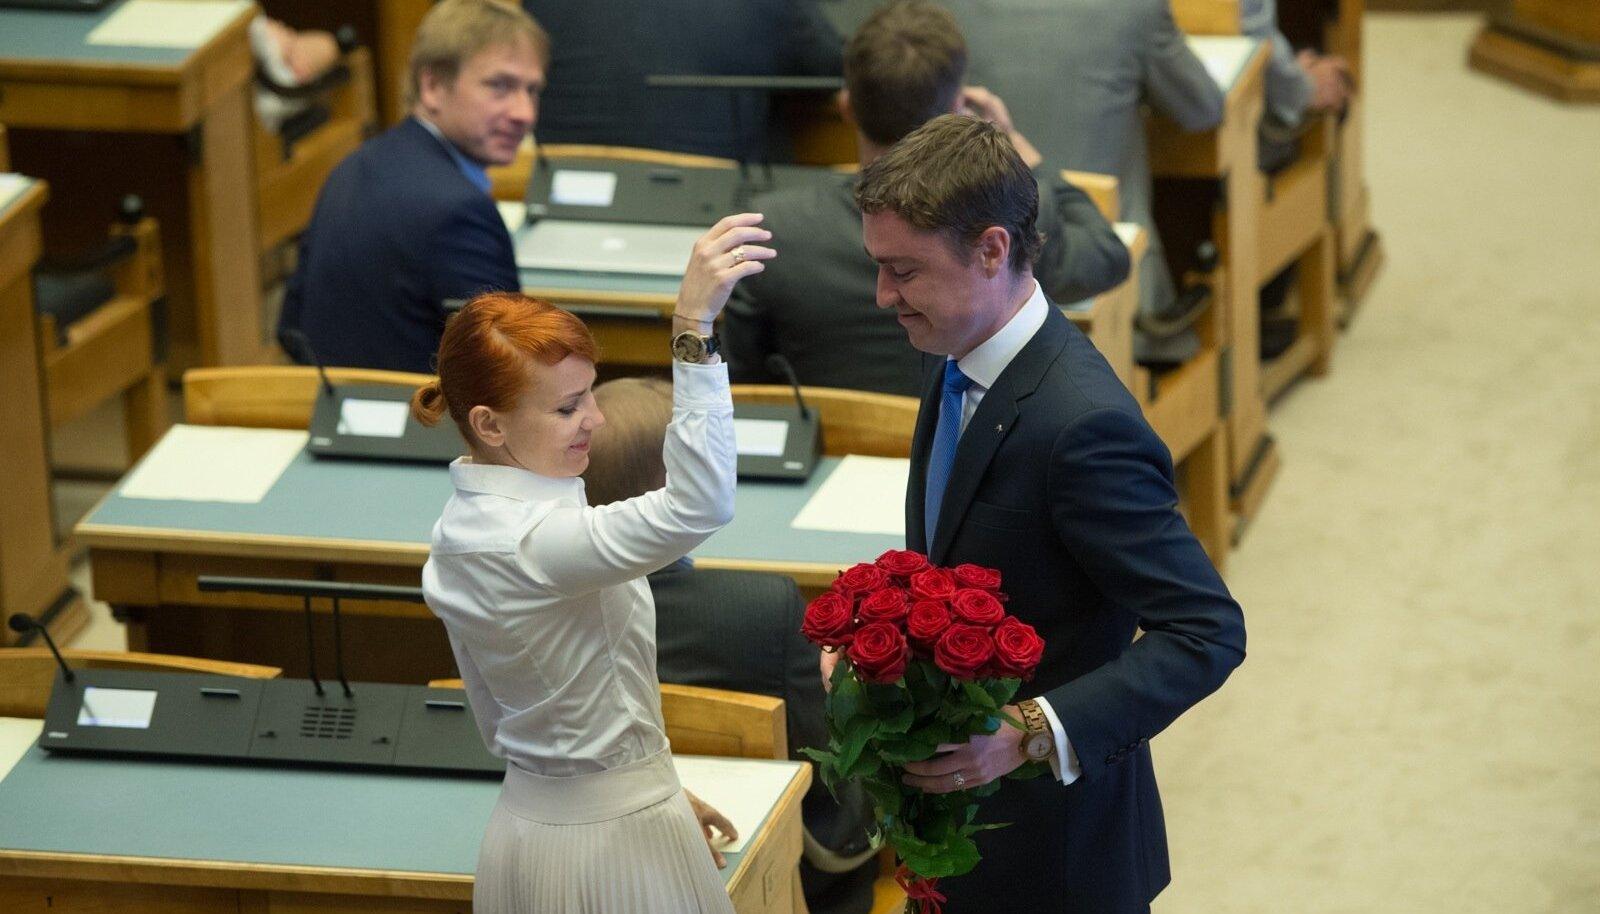 Keit Pentus-Rosimannuse ja Taavi Rõivase tee valimistele ei pruugi olla väga lilleline, kuna mõlemad võivad tahta saada ringkonna esinumbriks.